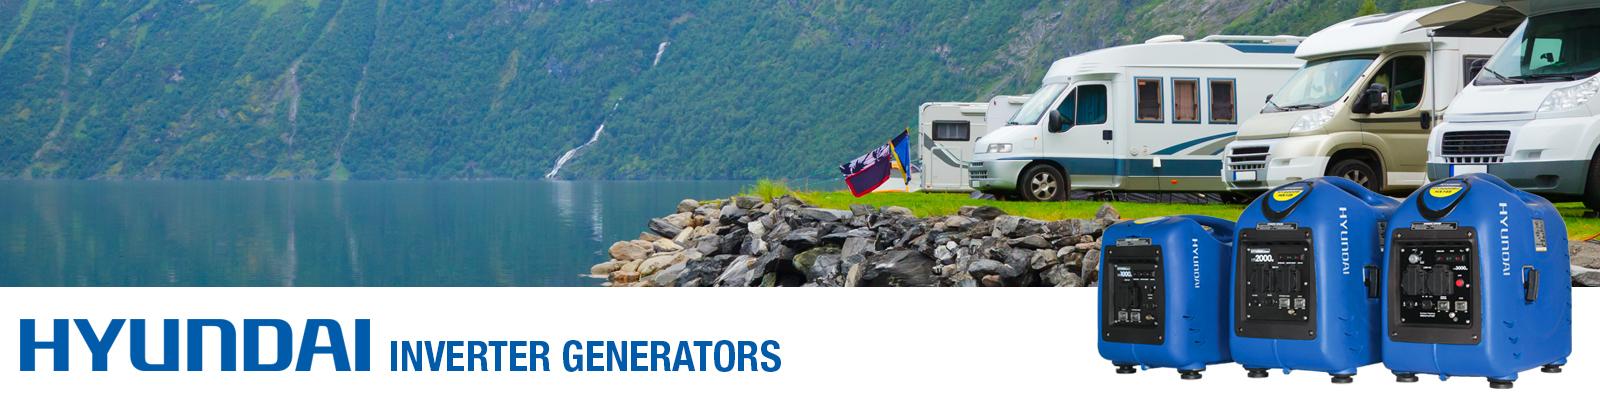 Inverter Generators - Buy Online - Free UK Delivery